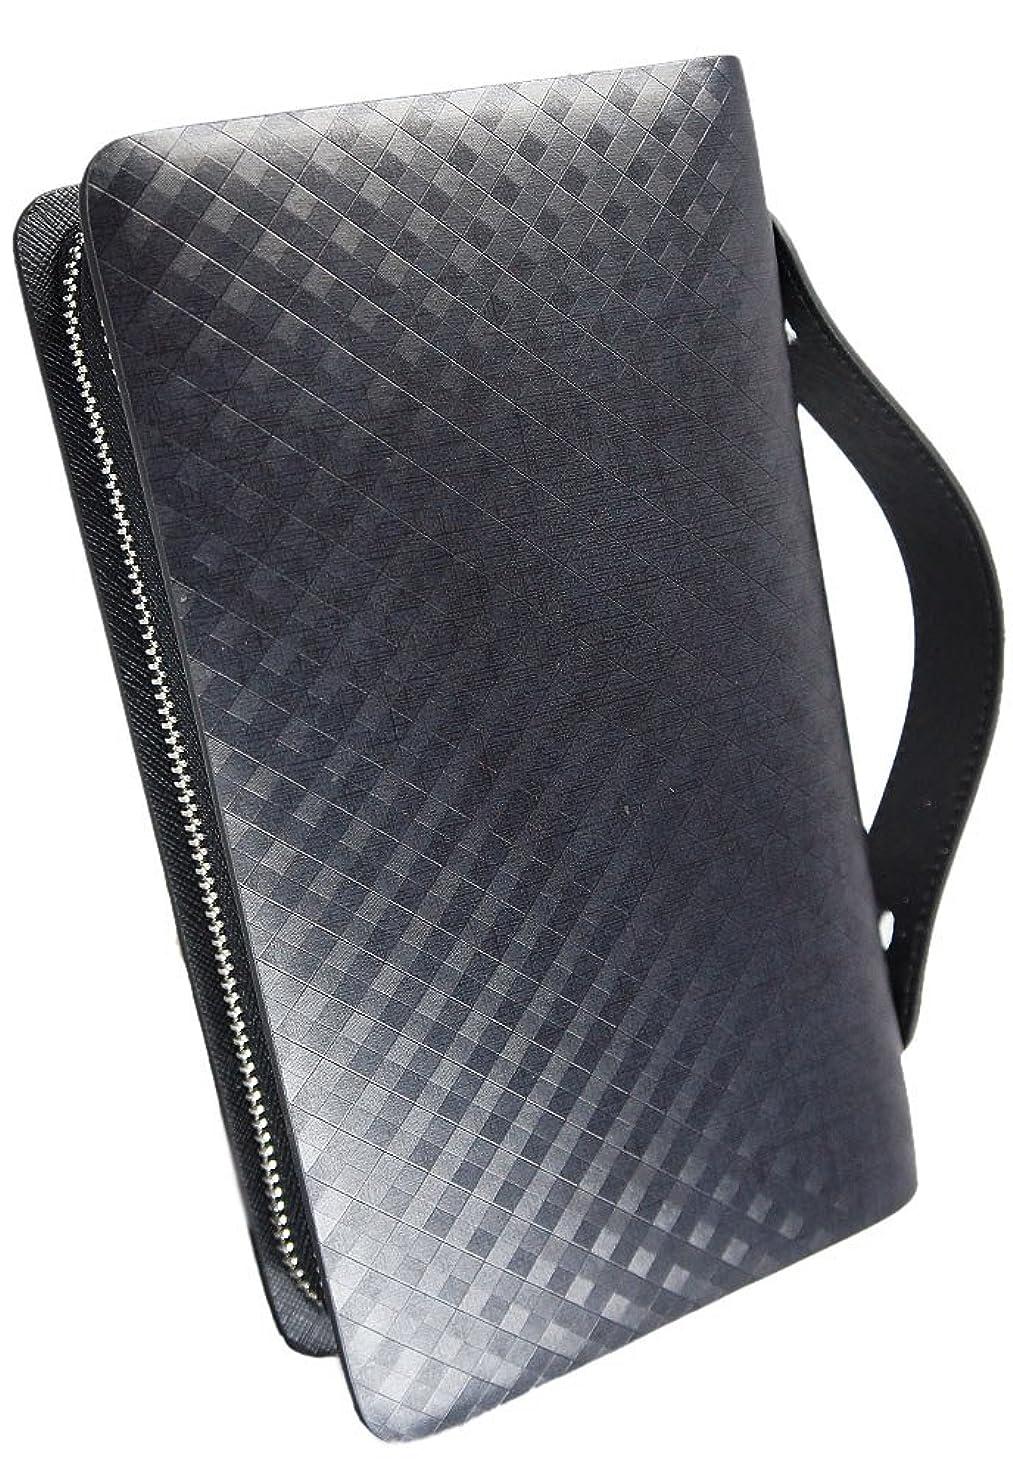 くコンベンションハード[BlissLeather] 【一流のスペイン製レザー使用】高級 本革 アメジスト セカンドバッグ 財布 ダブルファスナー 多機能 ボックス付き 10083